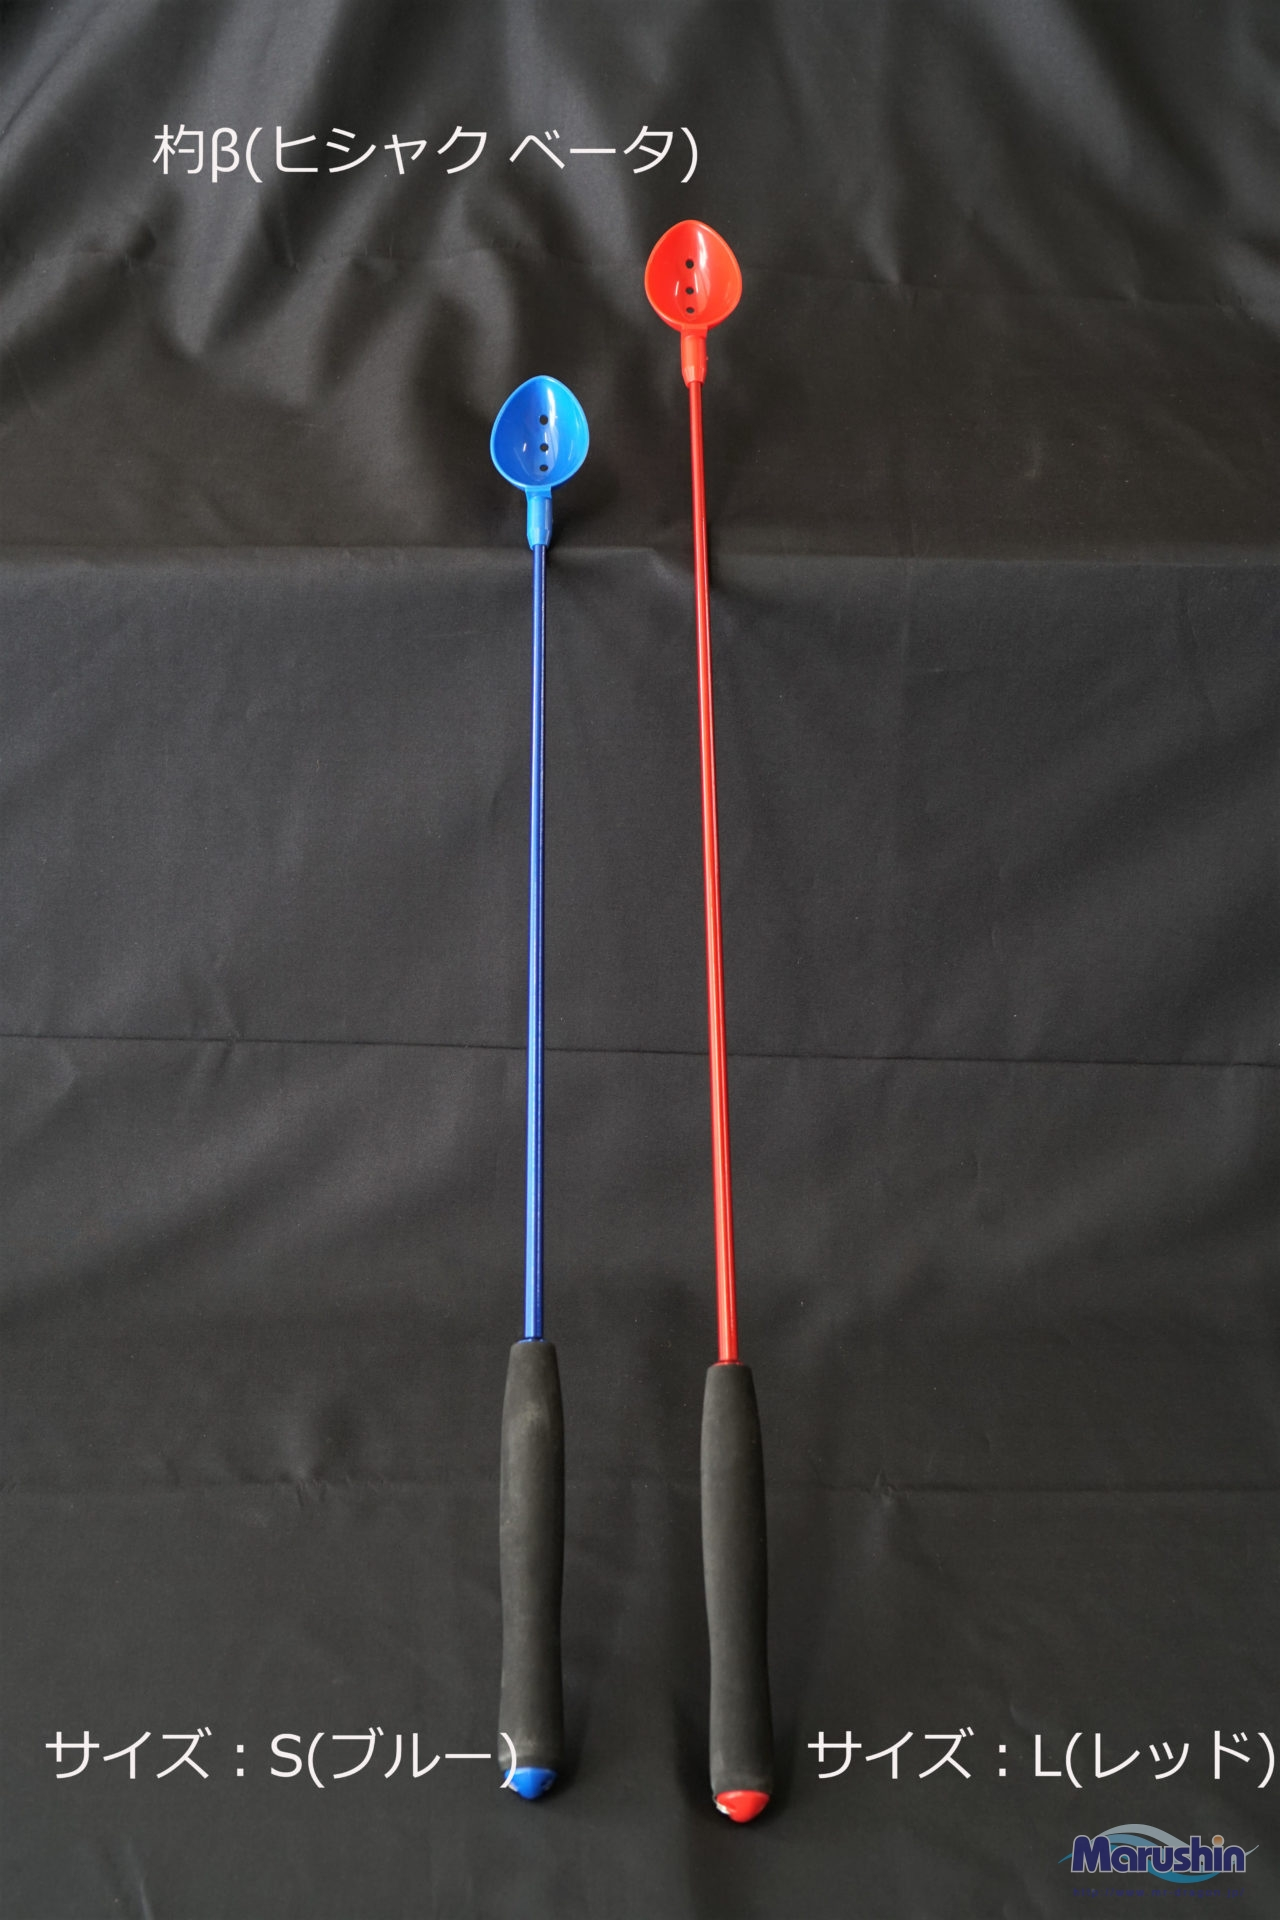 杓β (シャクベータ)S65cm L75cmイメージ画像